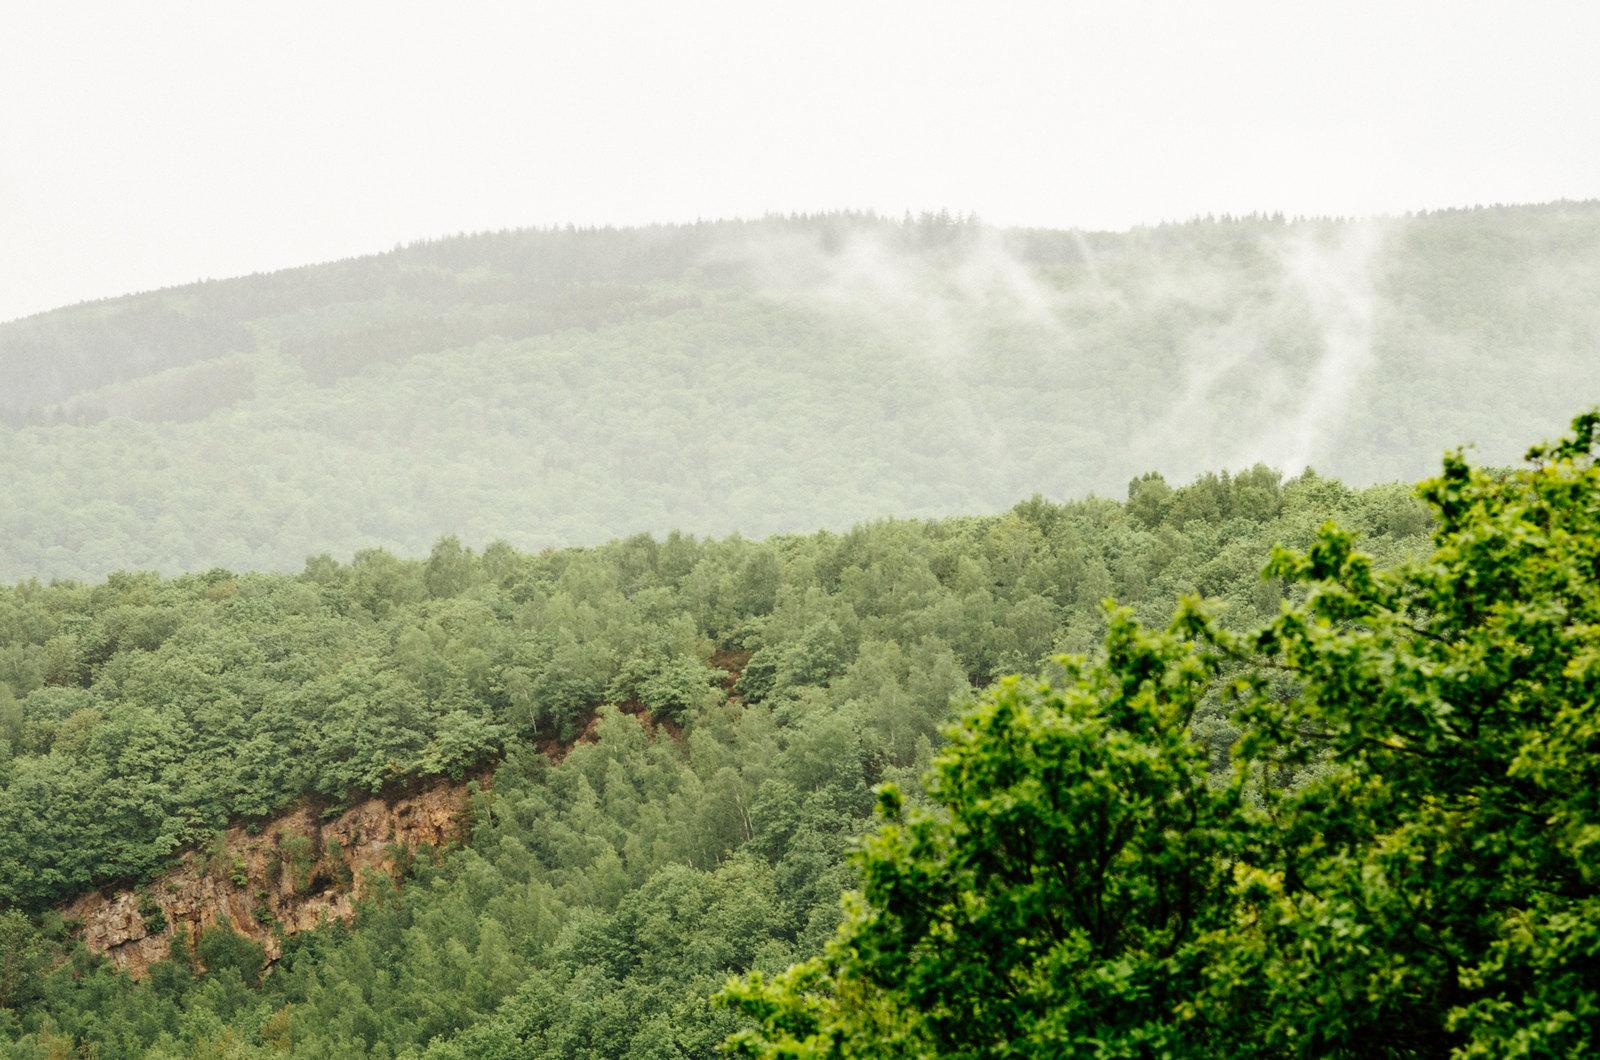 Balade dans les Ardennes - La forêt respire